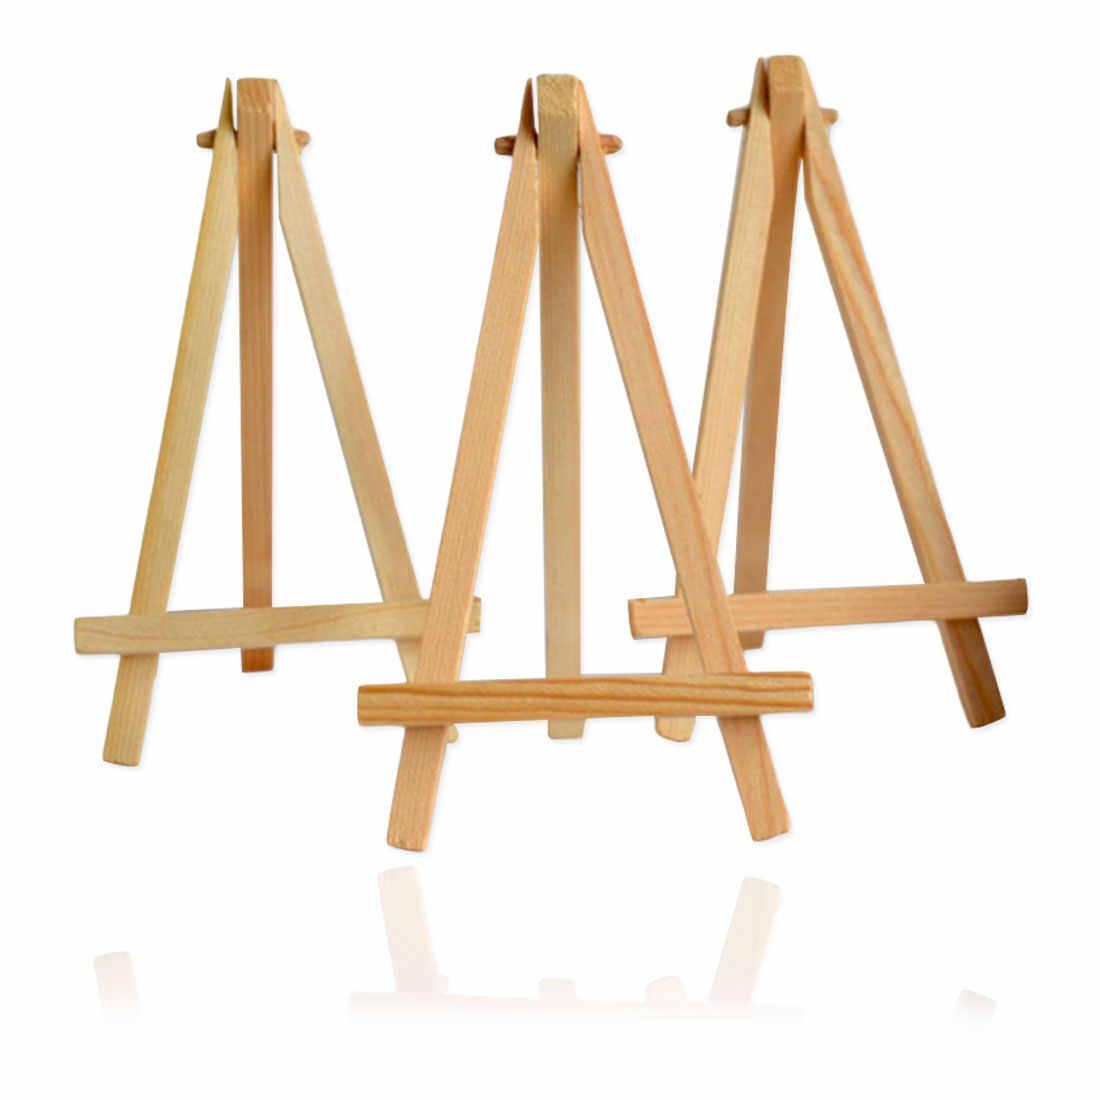 Suporte de exibição de pintura festa arte deco mini artista cavalete madeira casamento mesa cartão suporte artesanato pintura cavalete